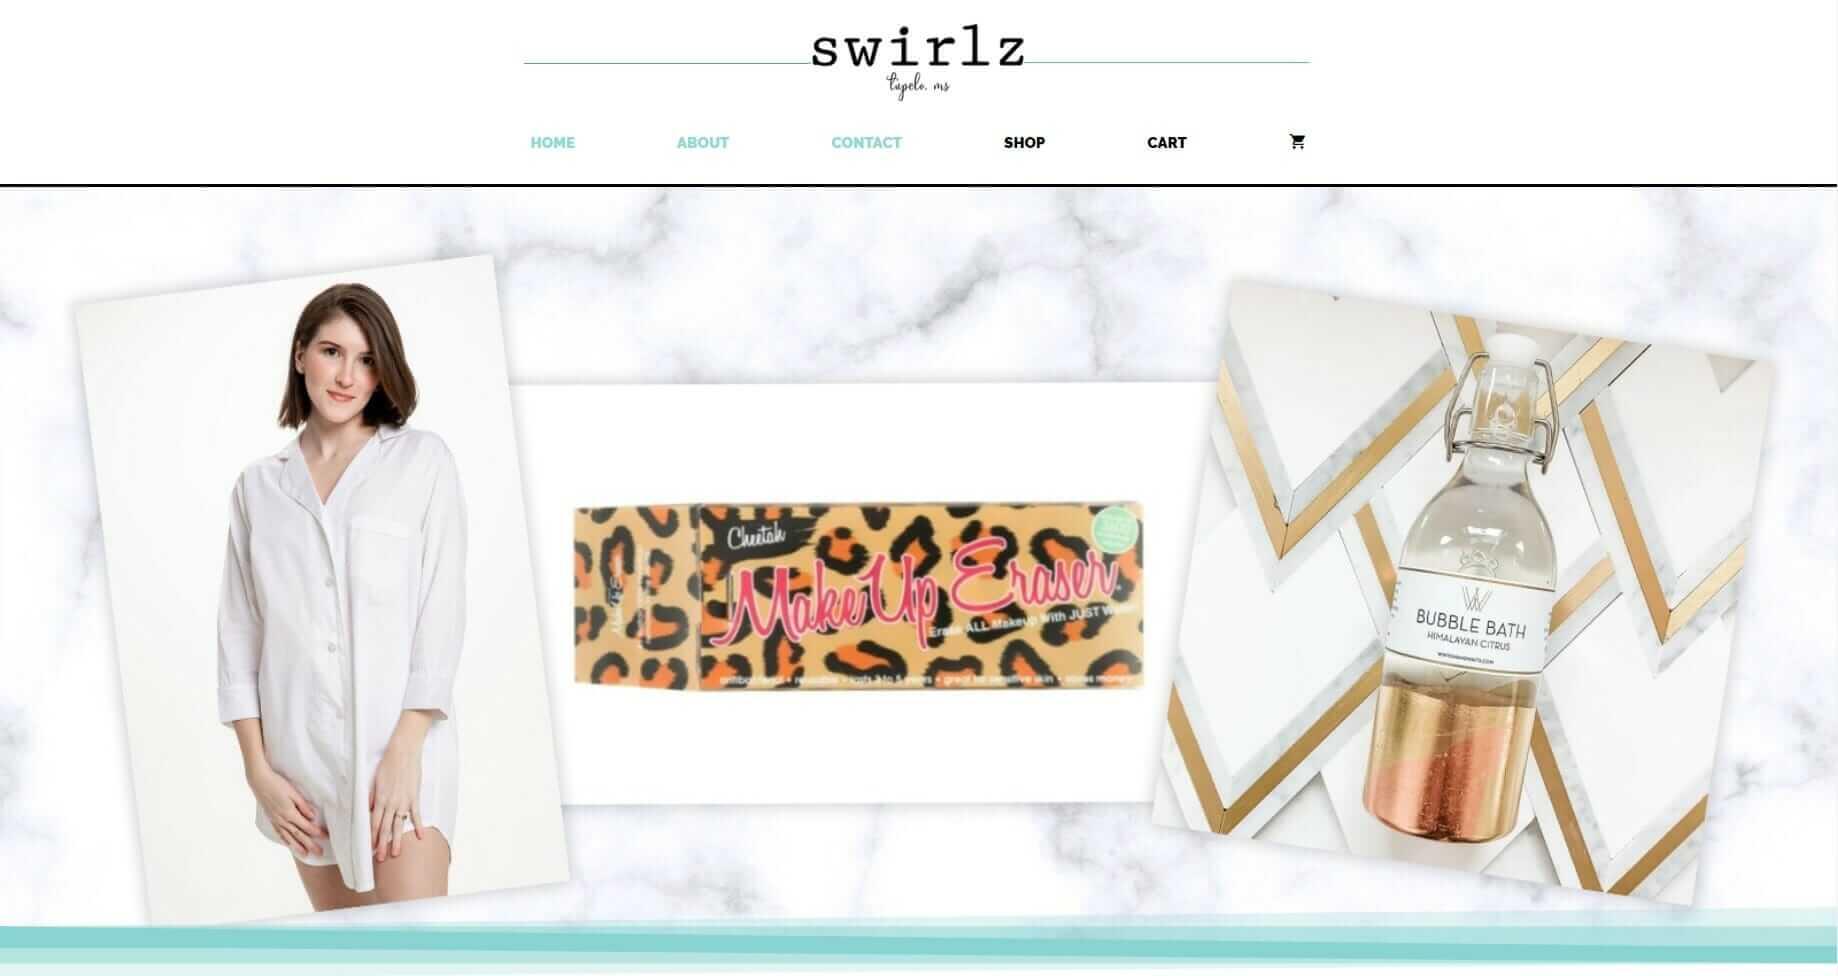 Website design for boutique - Swirlz, Tupelo